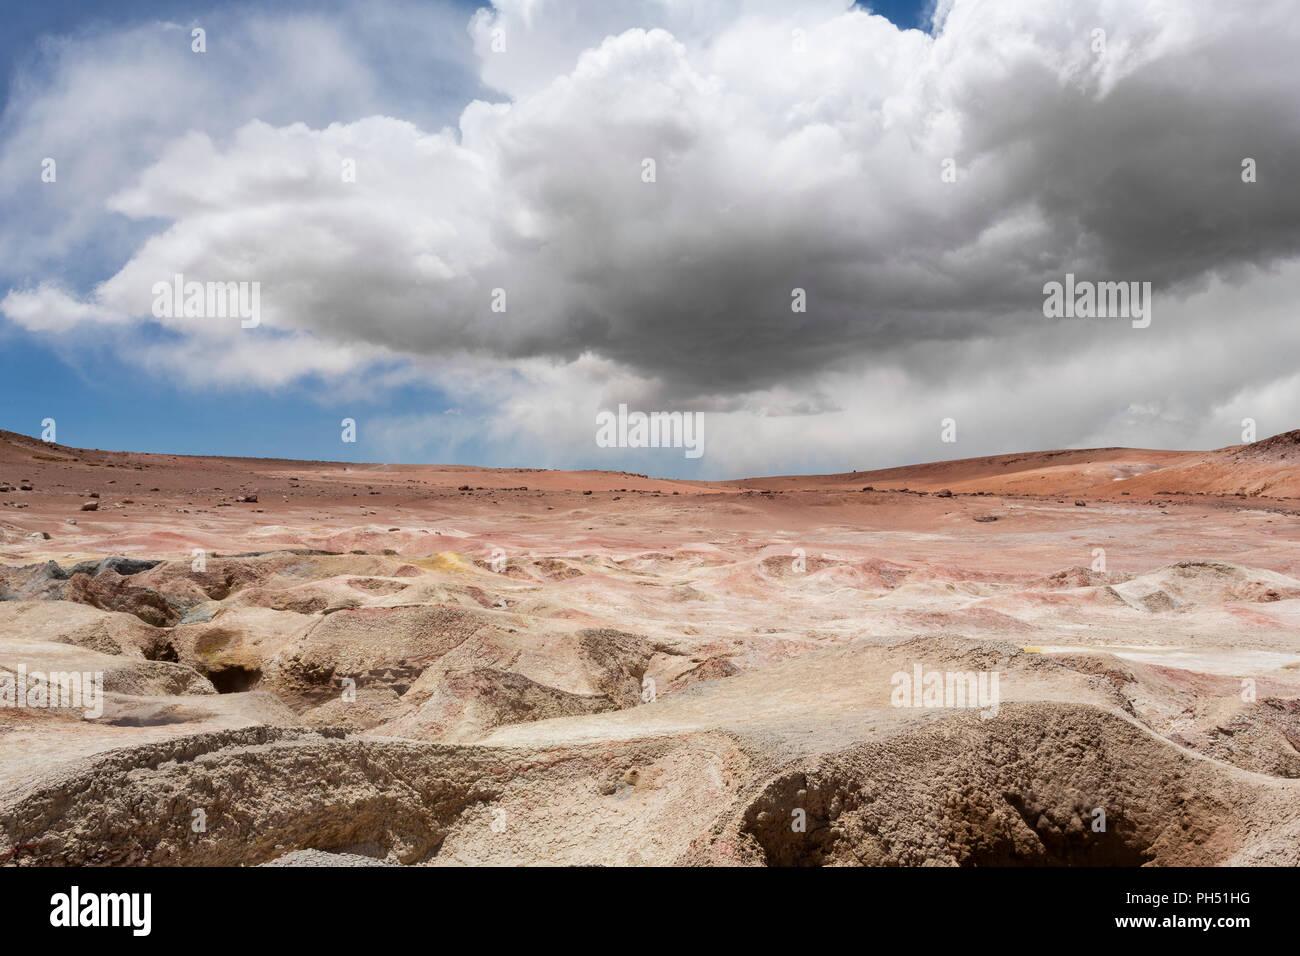 Malerische Landschaft, Hochebene, Hochwüste, Bolivien, West-Bolivien, altiplano - Stock Image